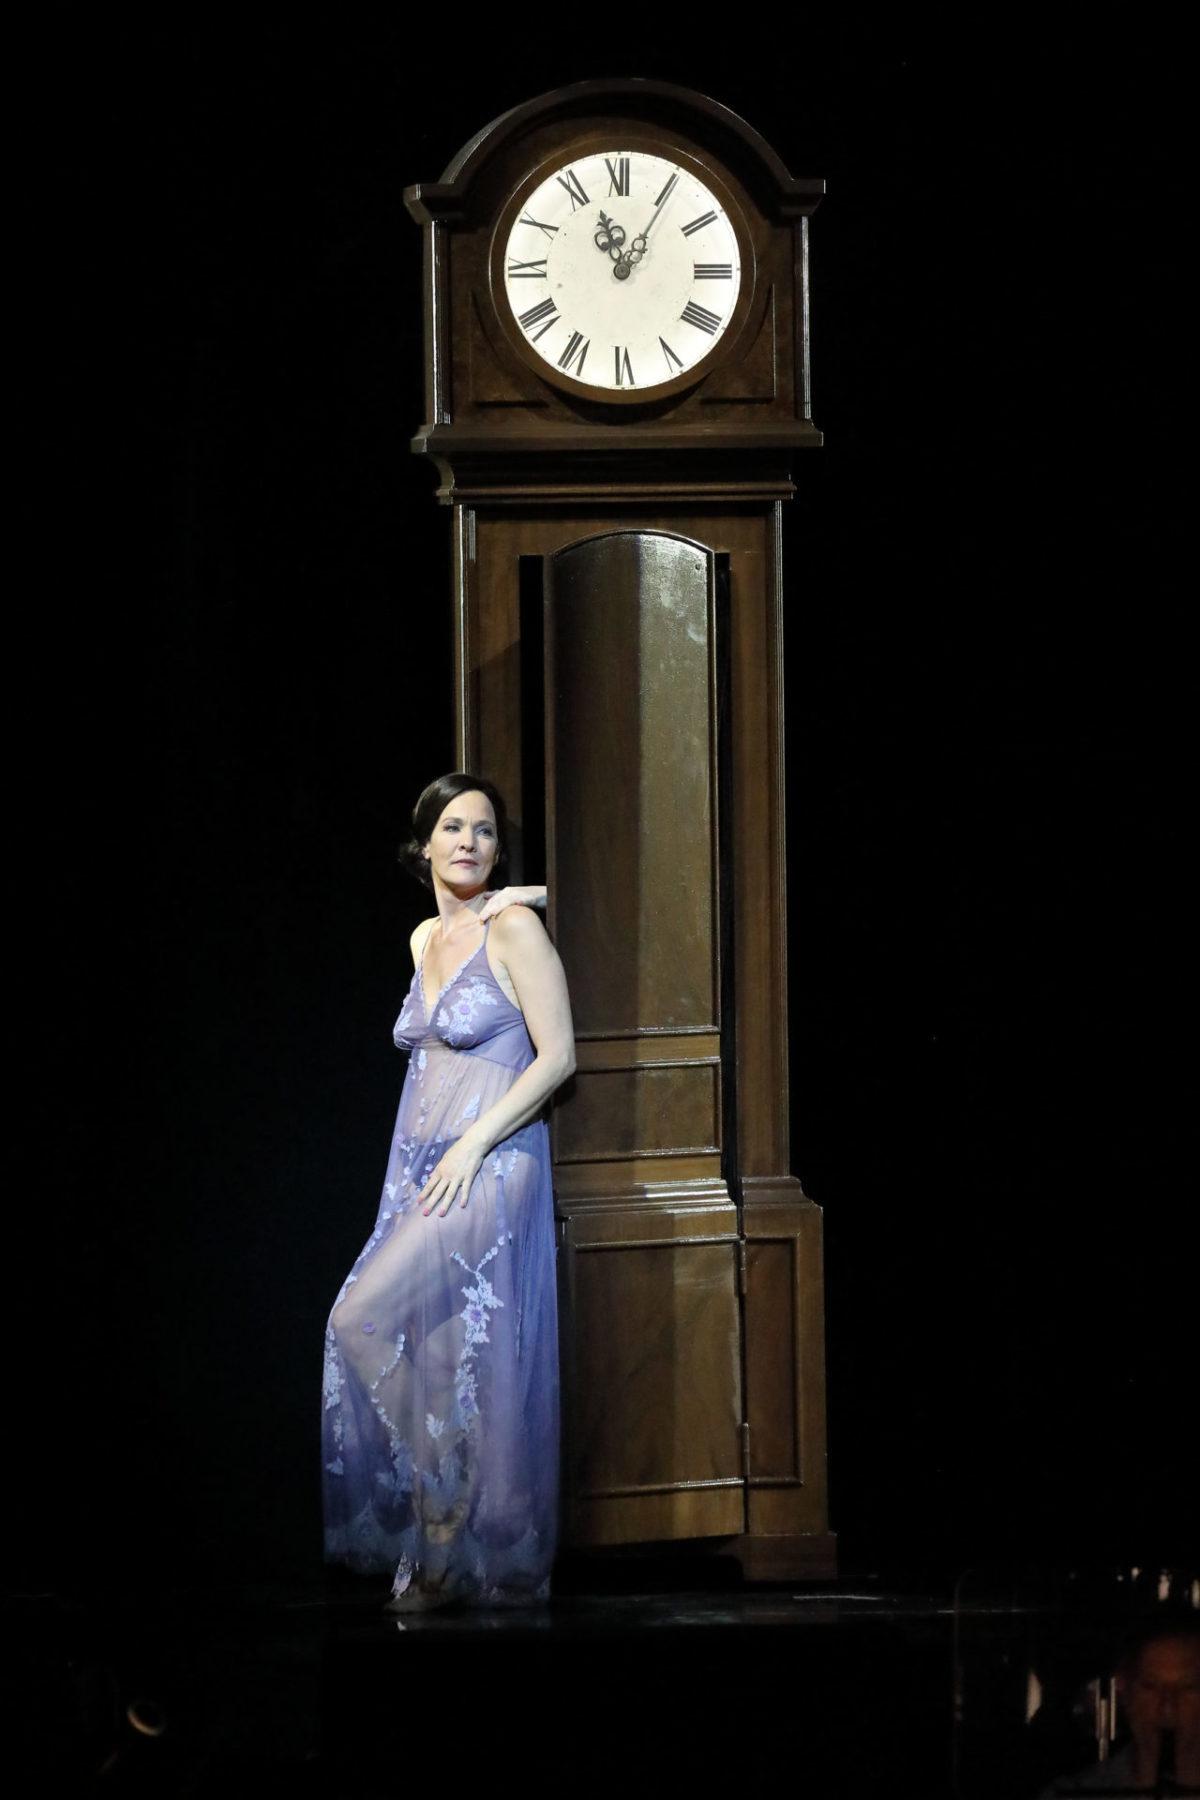 Richard Strauss, Der Rosenkavalier  Bayerische Staatsoper, München, um 90 Minuten zeitversetzter Live-Stream, 21. März 2021